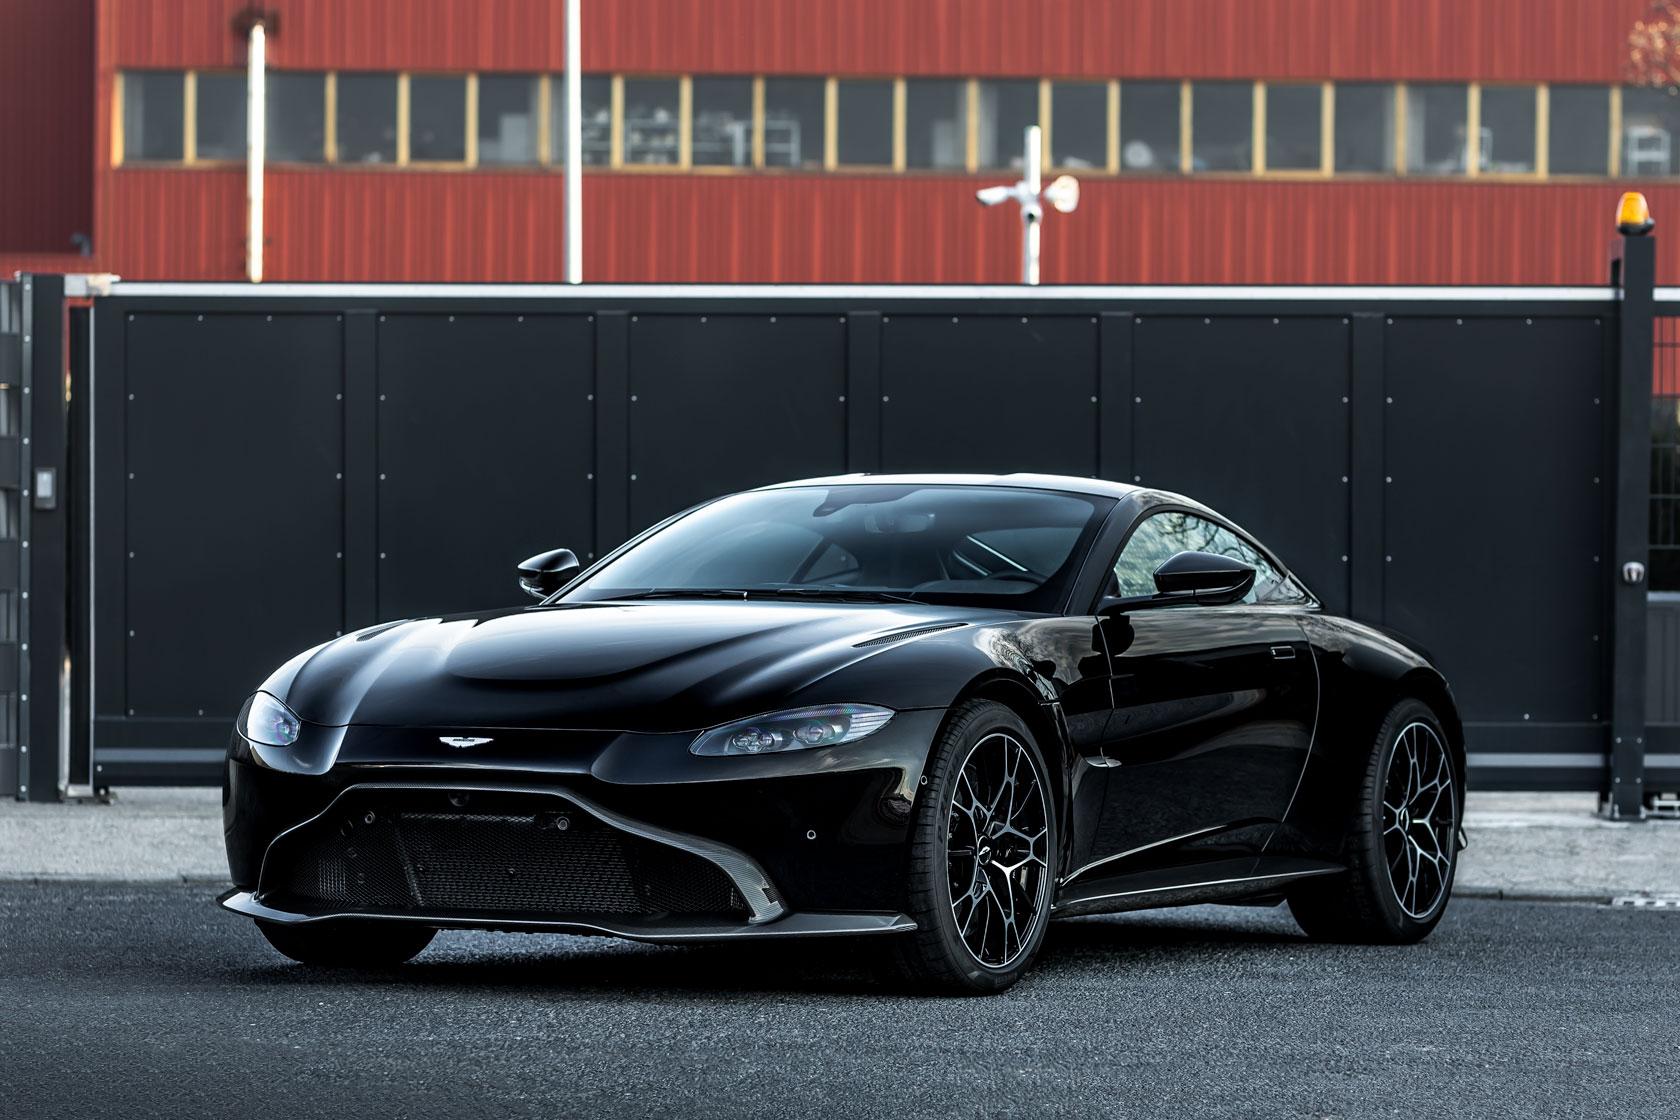 Aston Martin Vantage V8 AMR